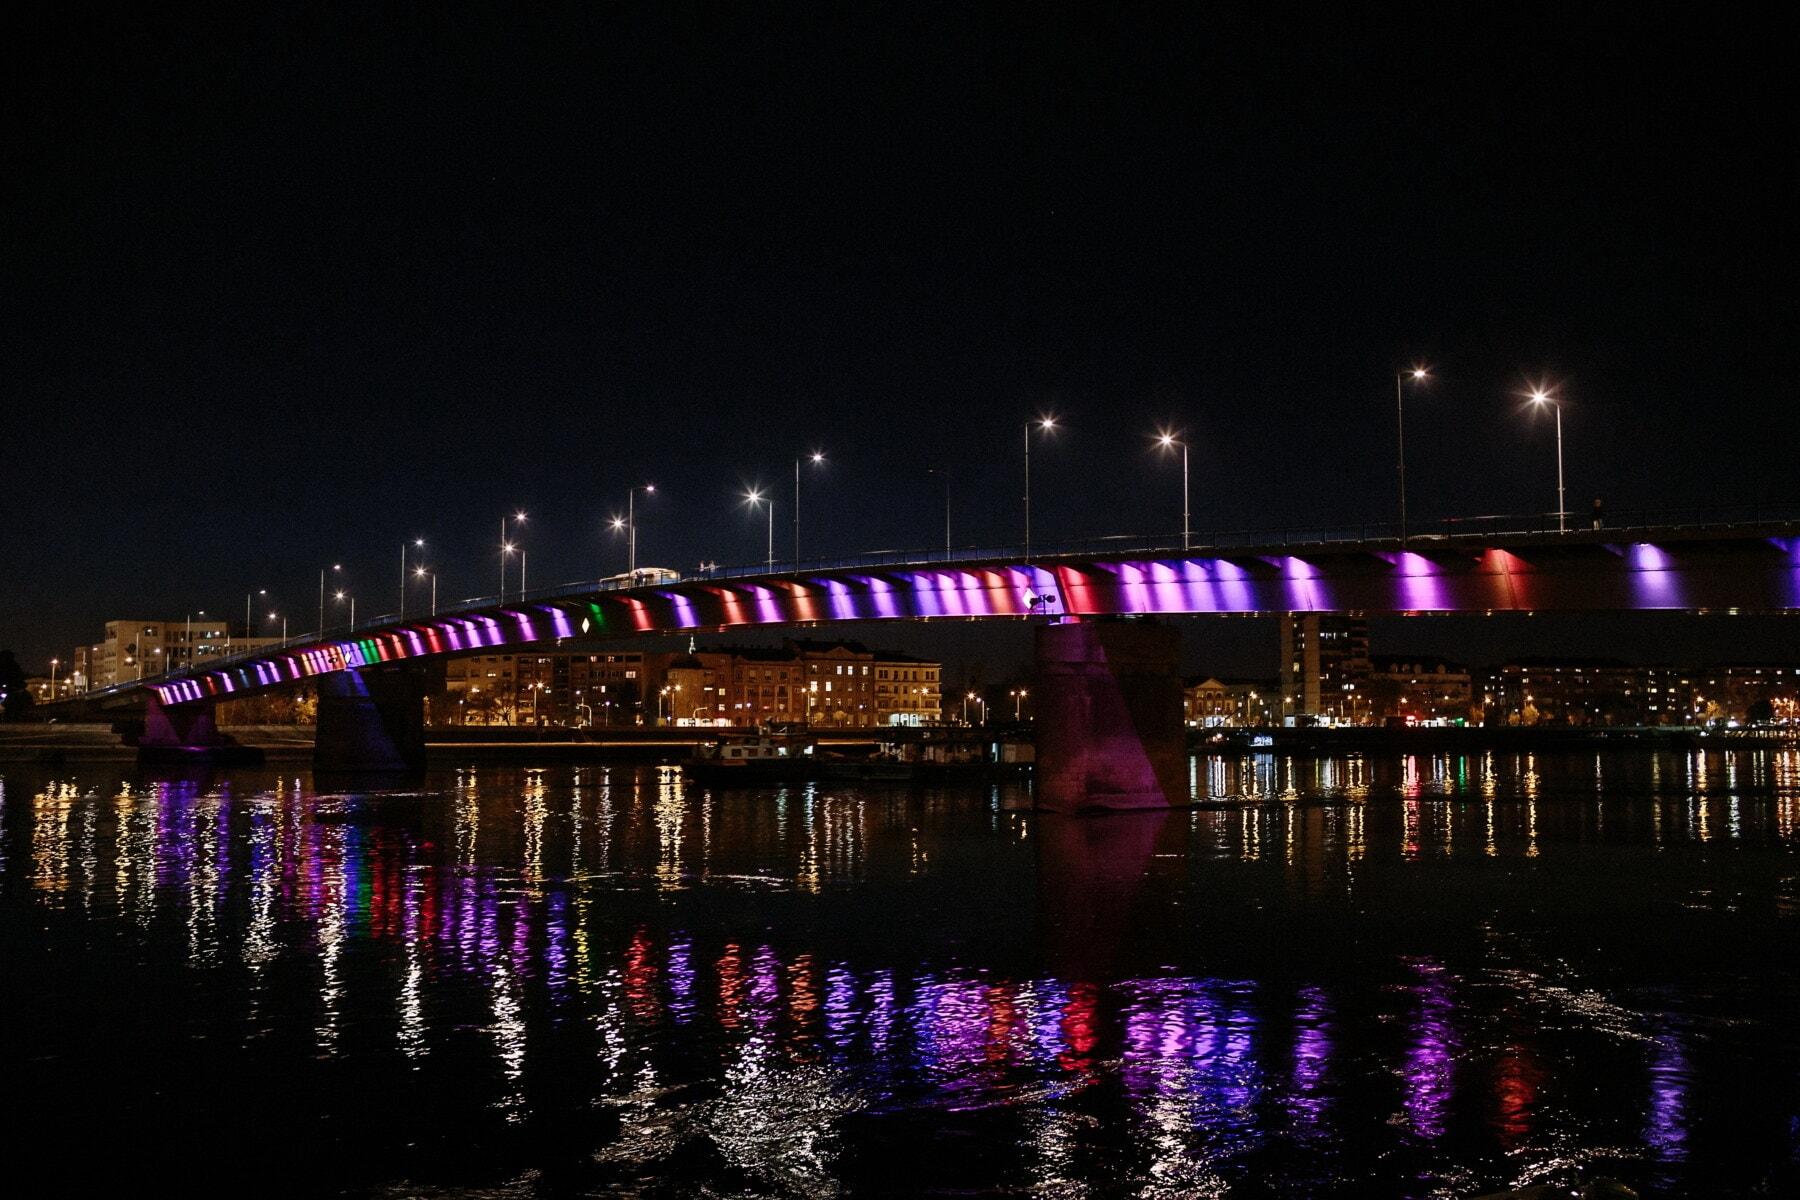 natten, bro, stadens centrum, reflektion, färgglada, floden, staden, natt, pir, vatten